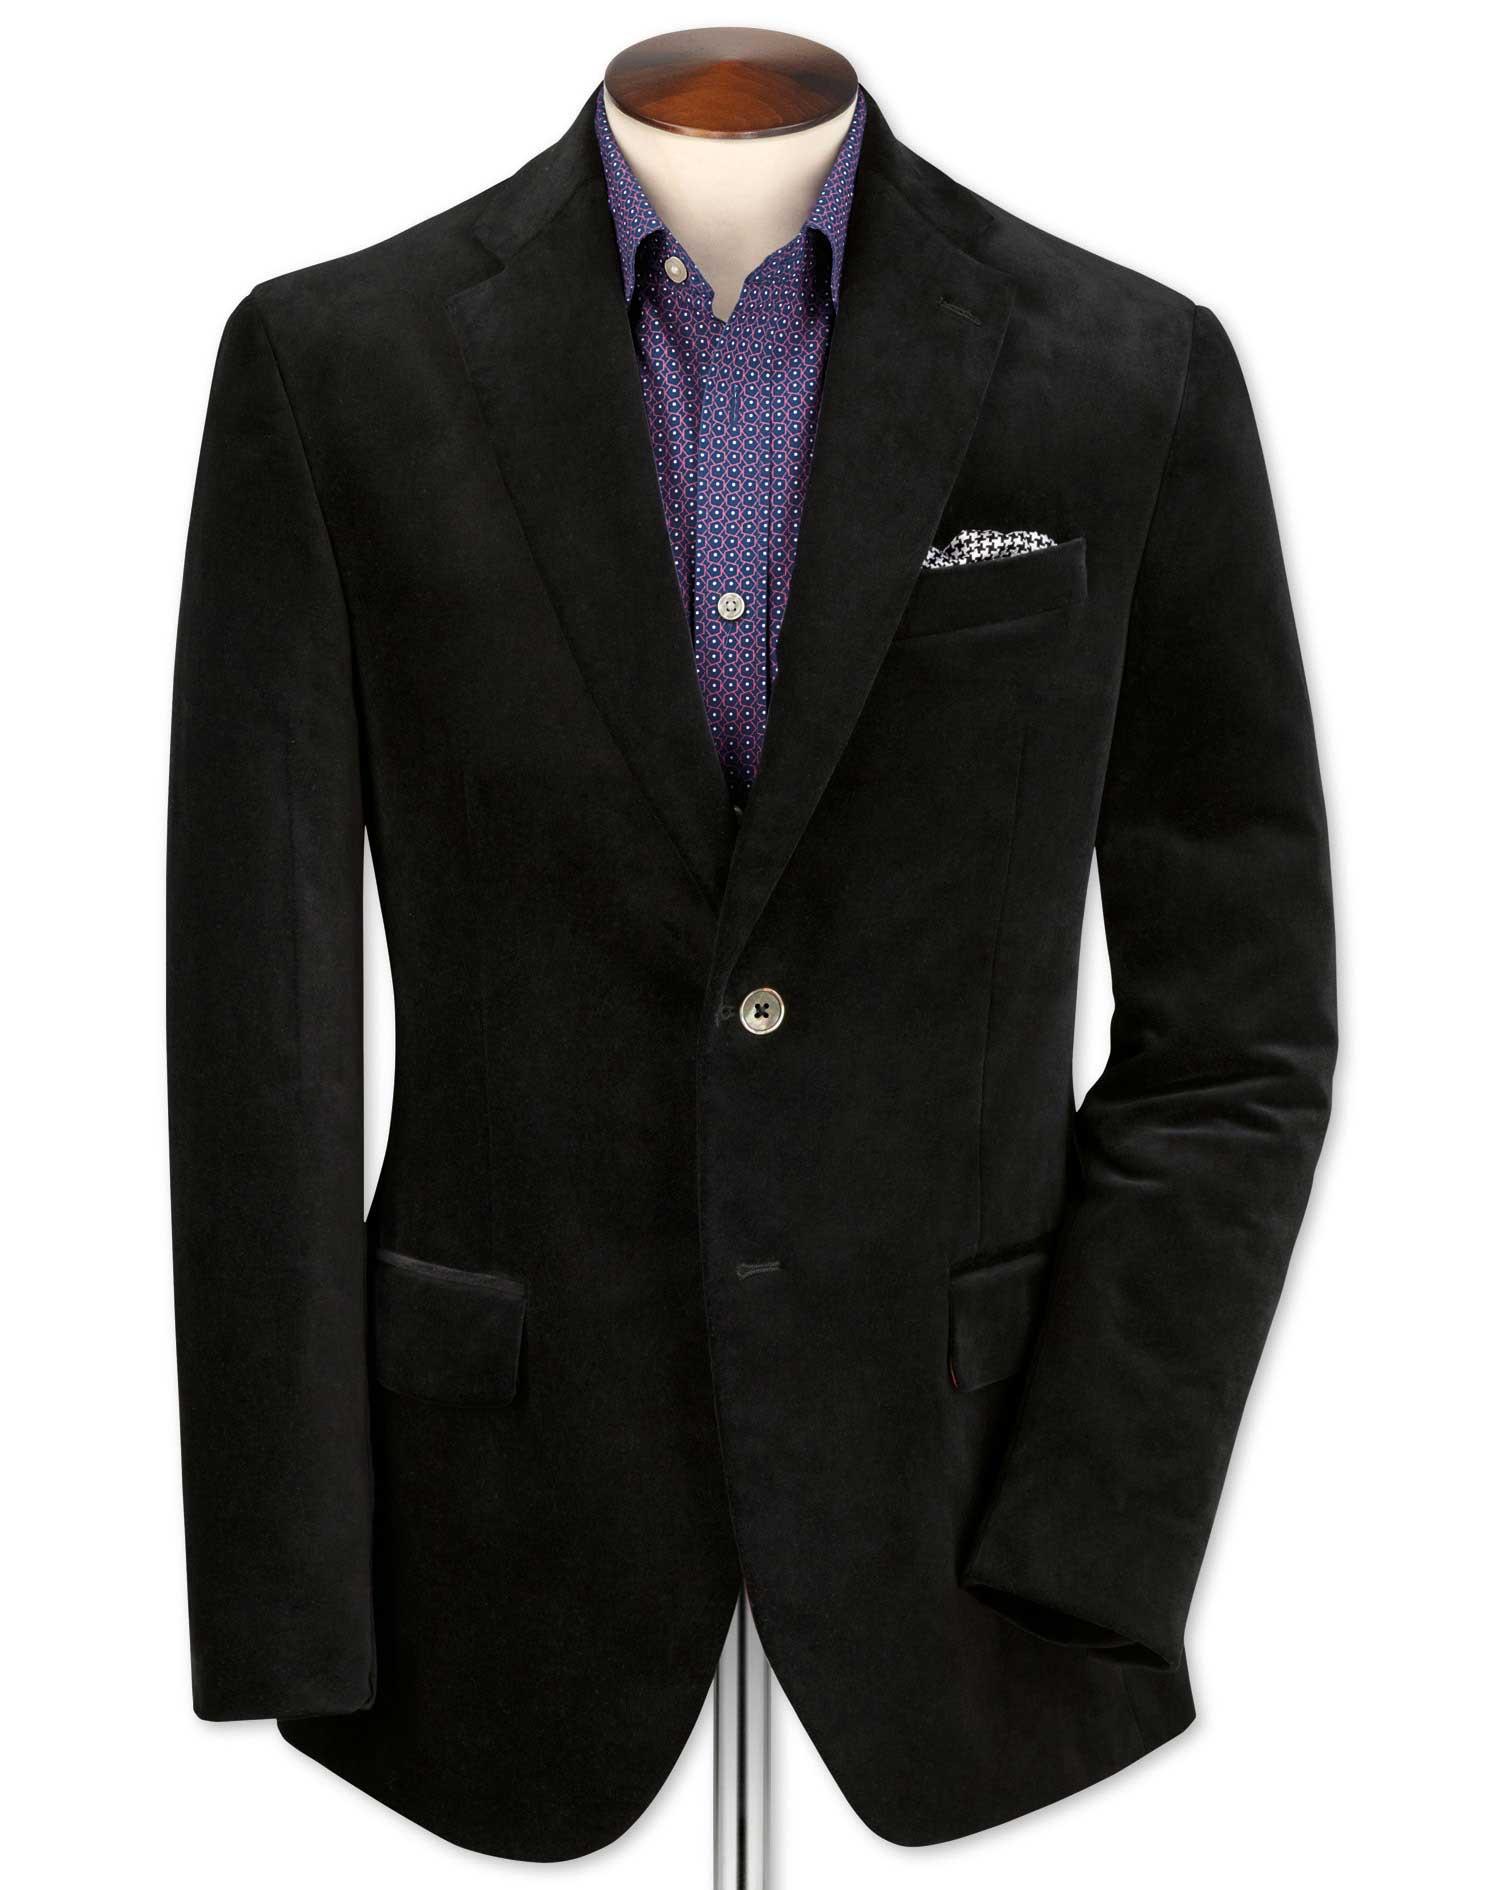 Slim Fit Black Velvet Cotton Jacket Size 36 Regular by Charles Tyrwhitt